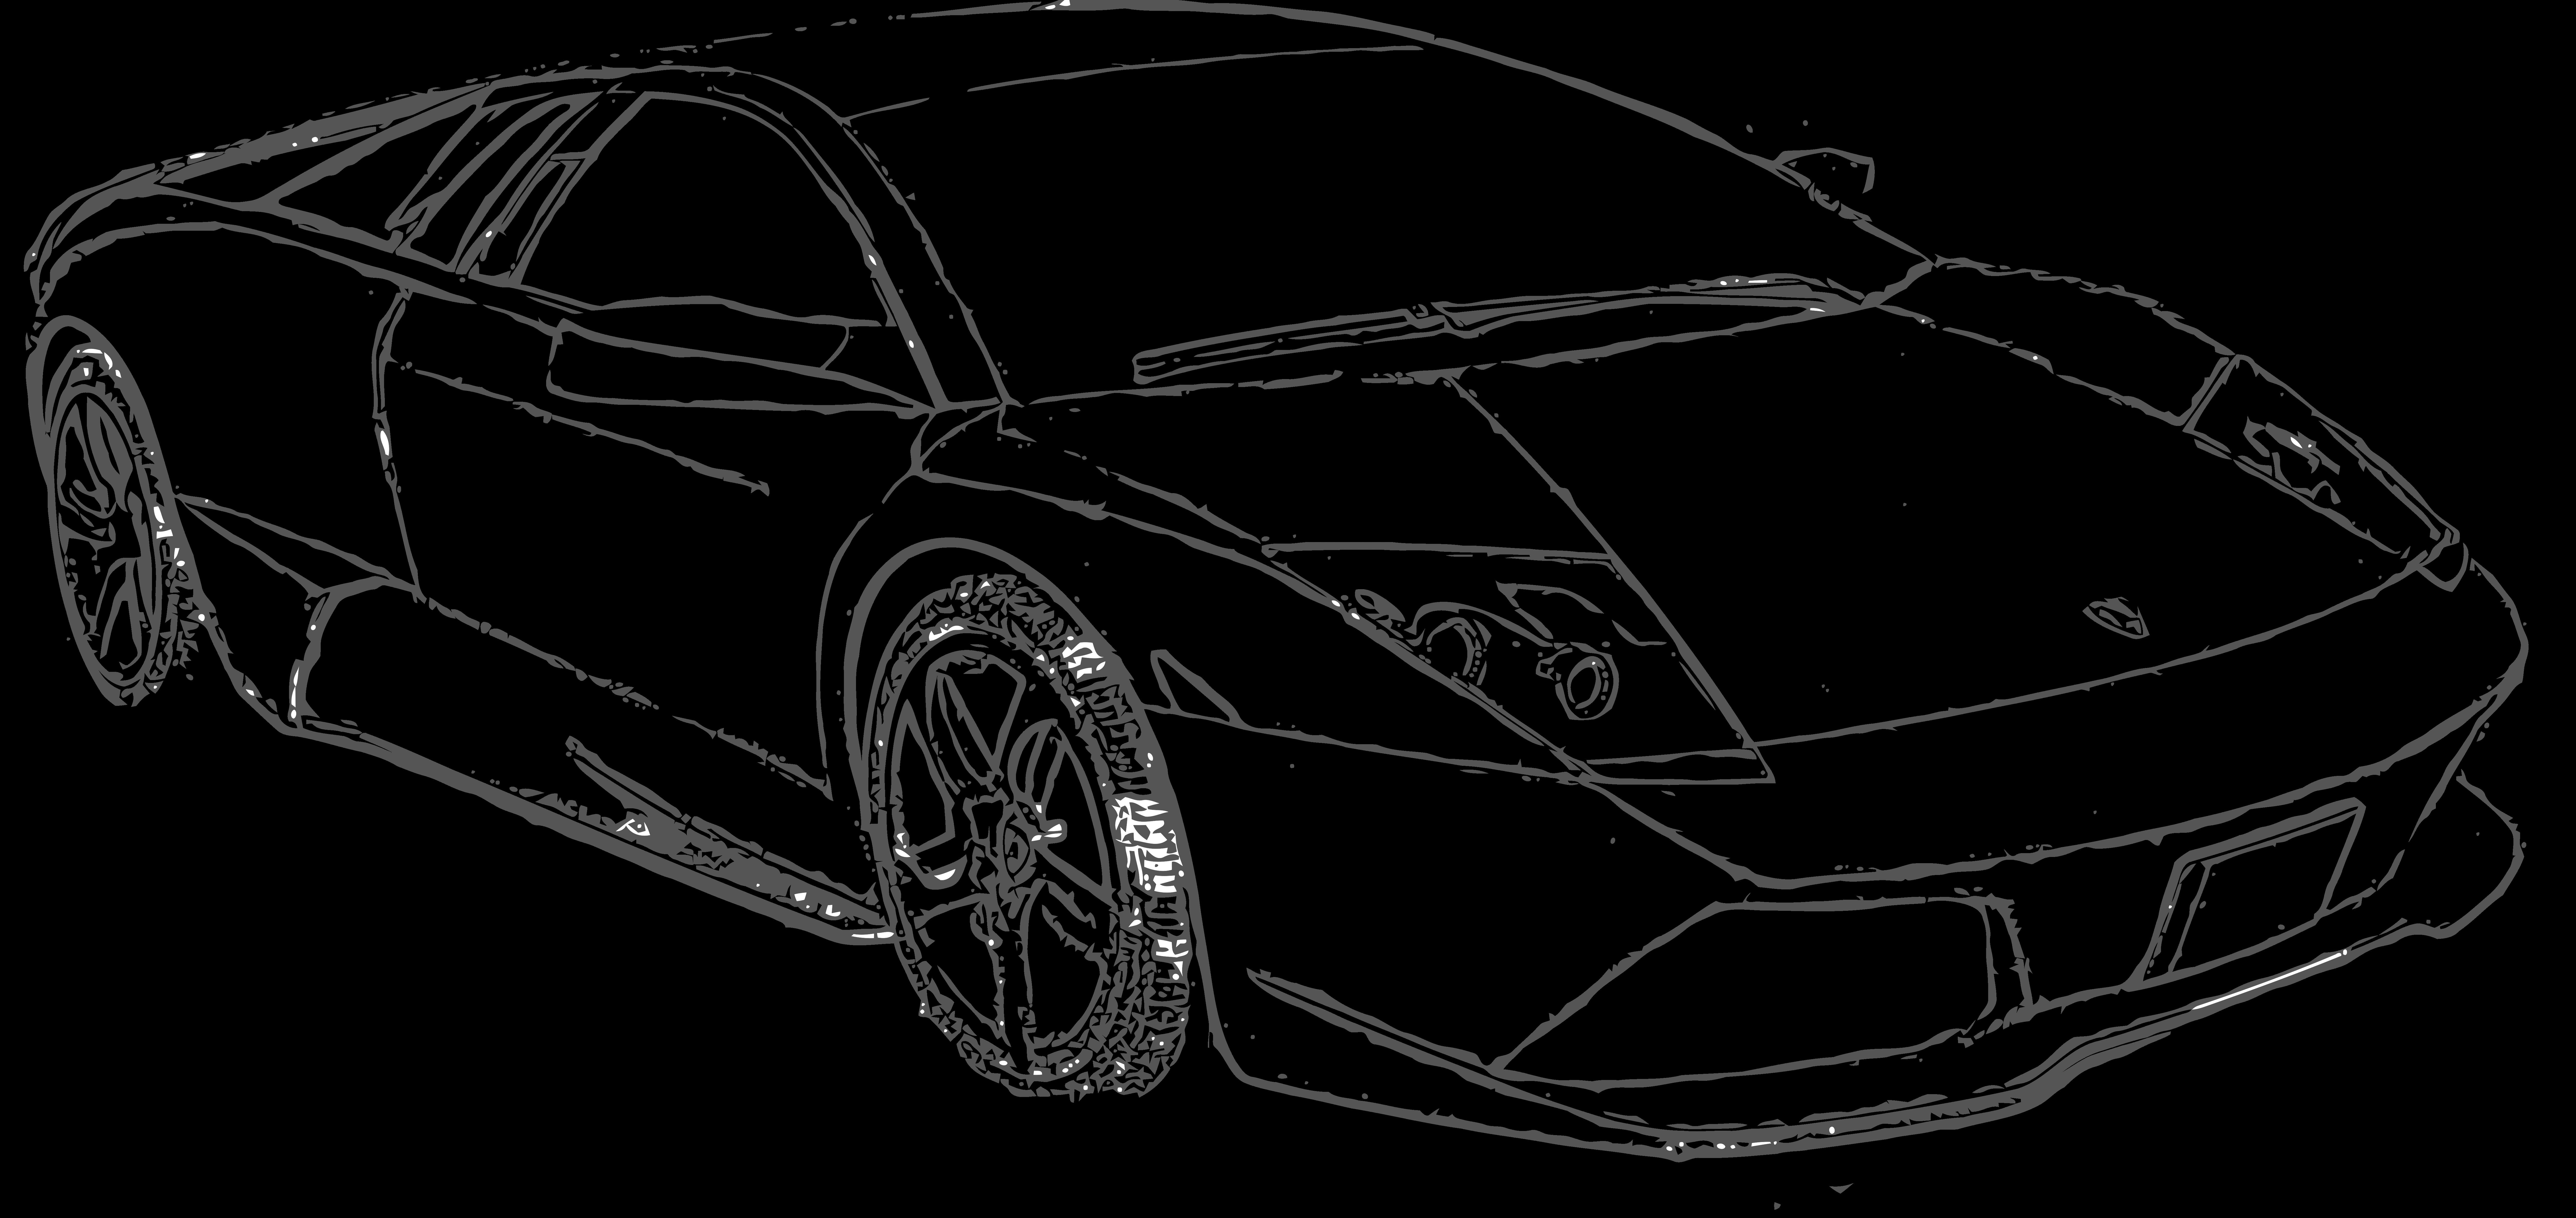 svg transparent download Lamborghini outline at getdrawings. Drawing lambo